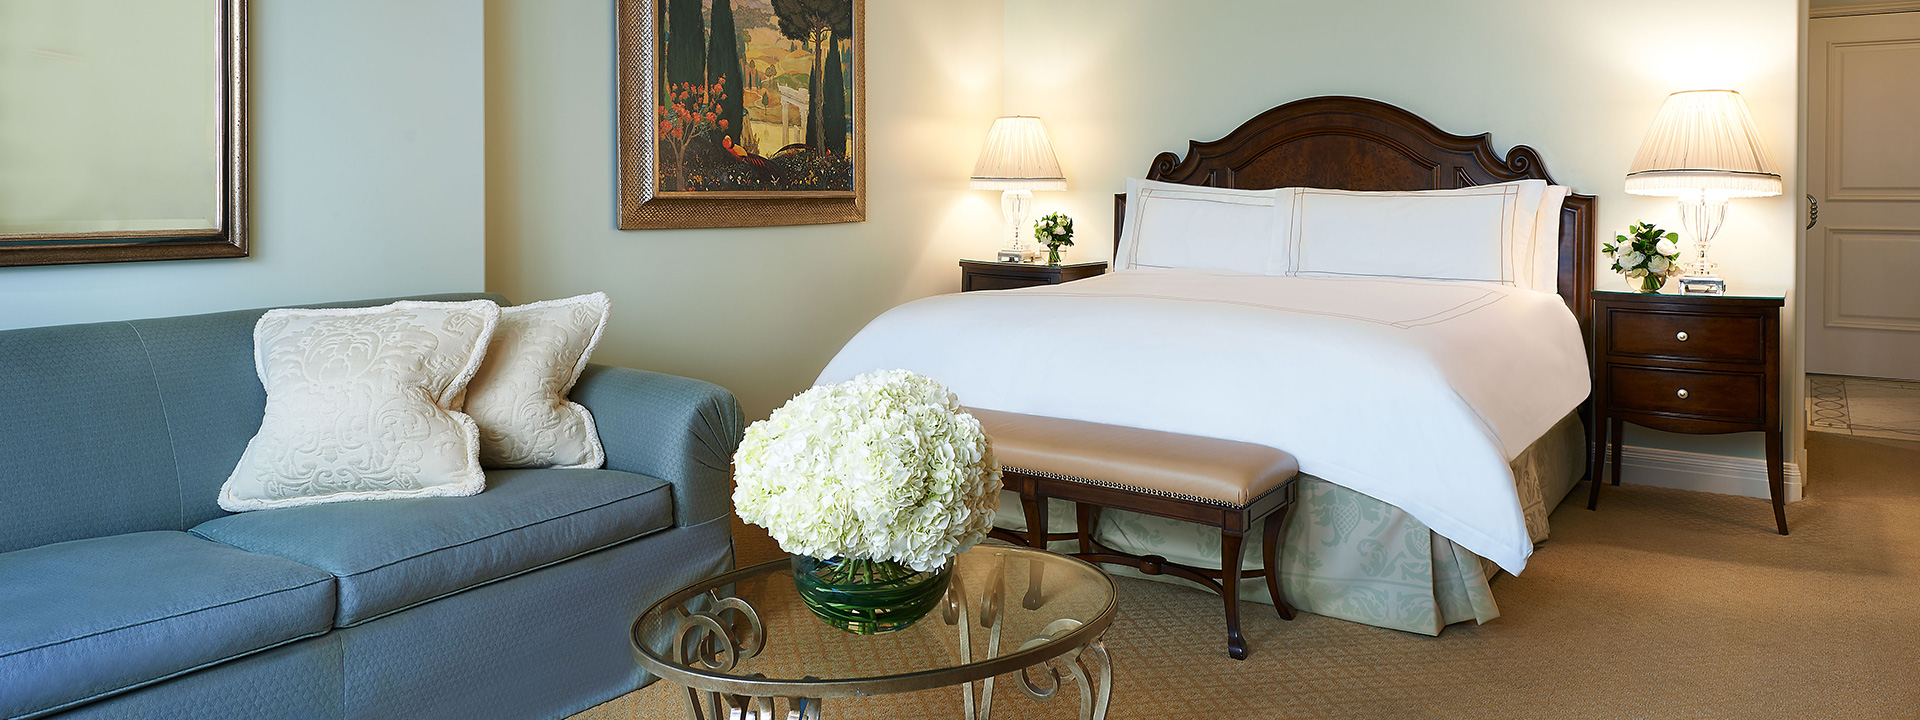 Premier King Room inward facing bedroom view